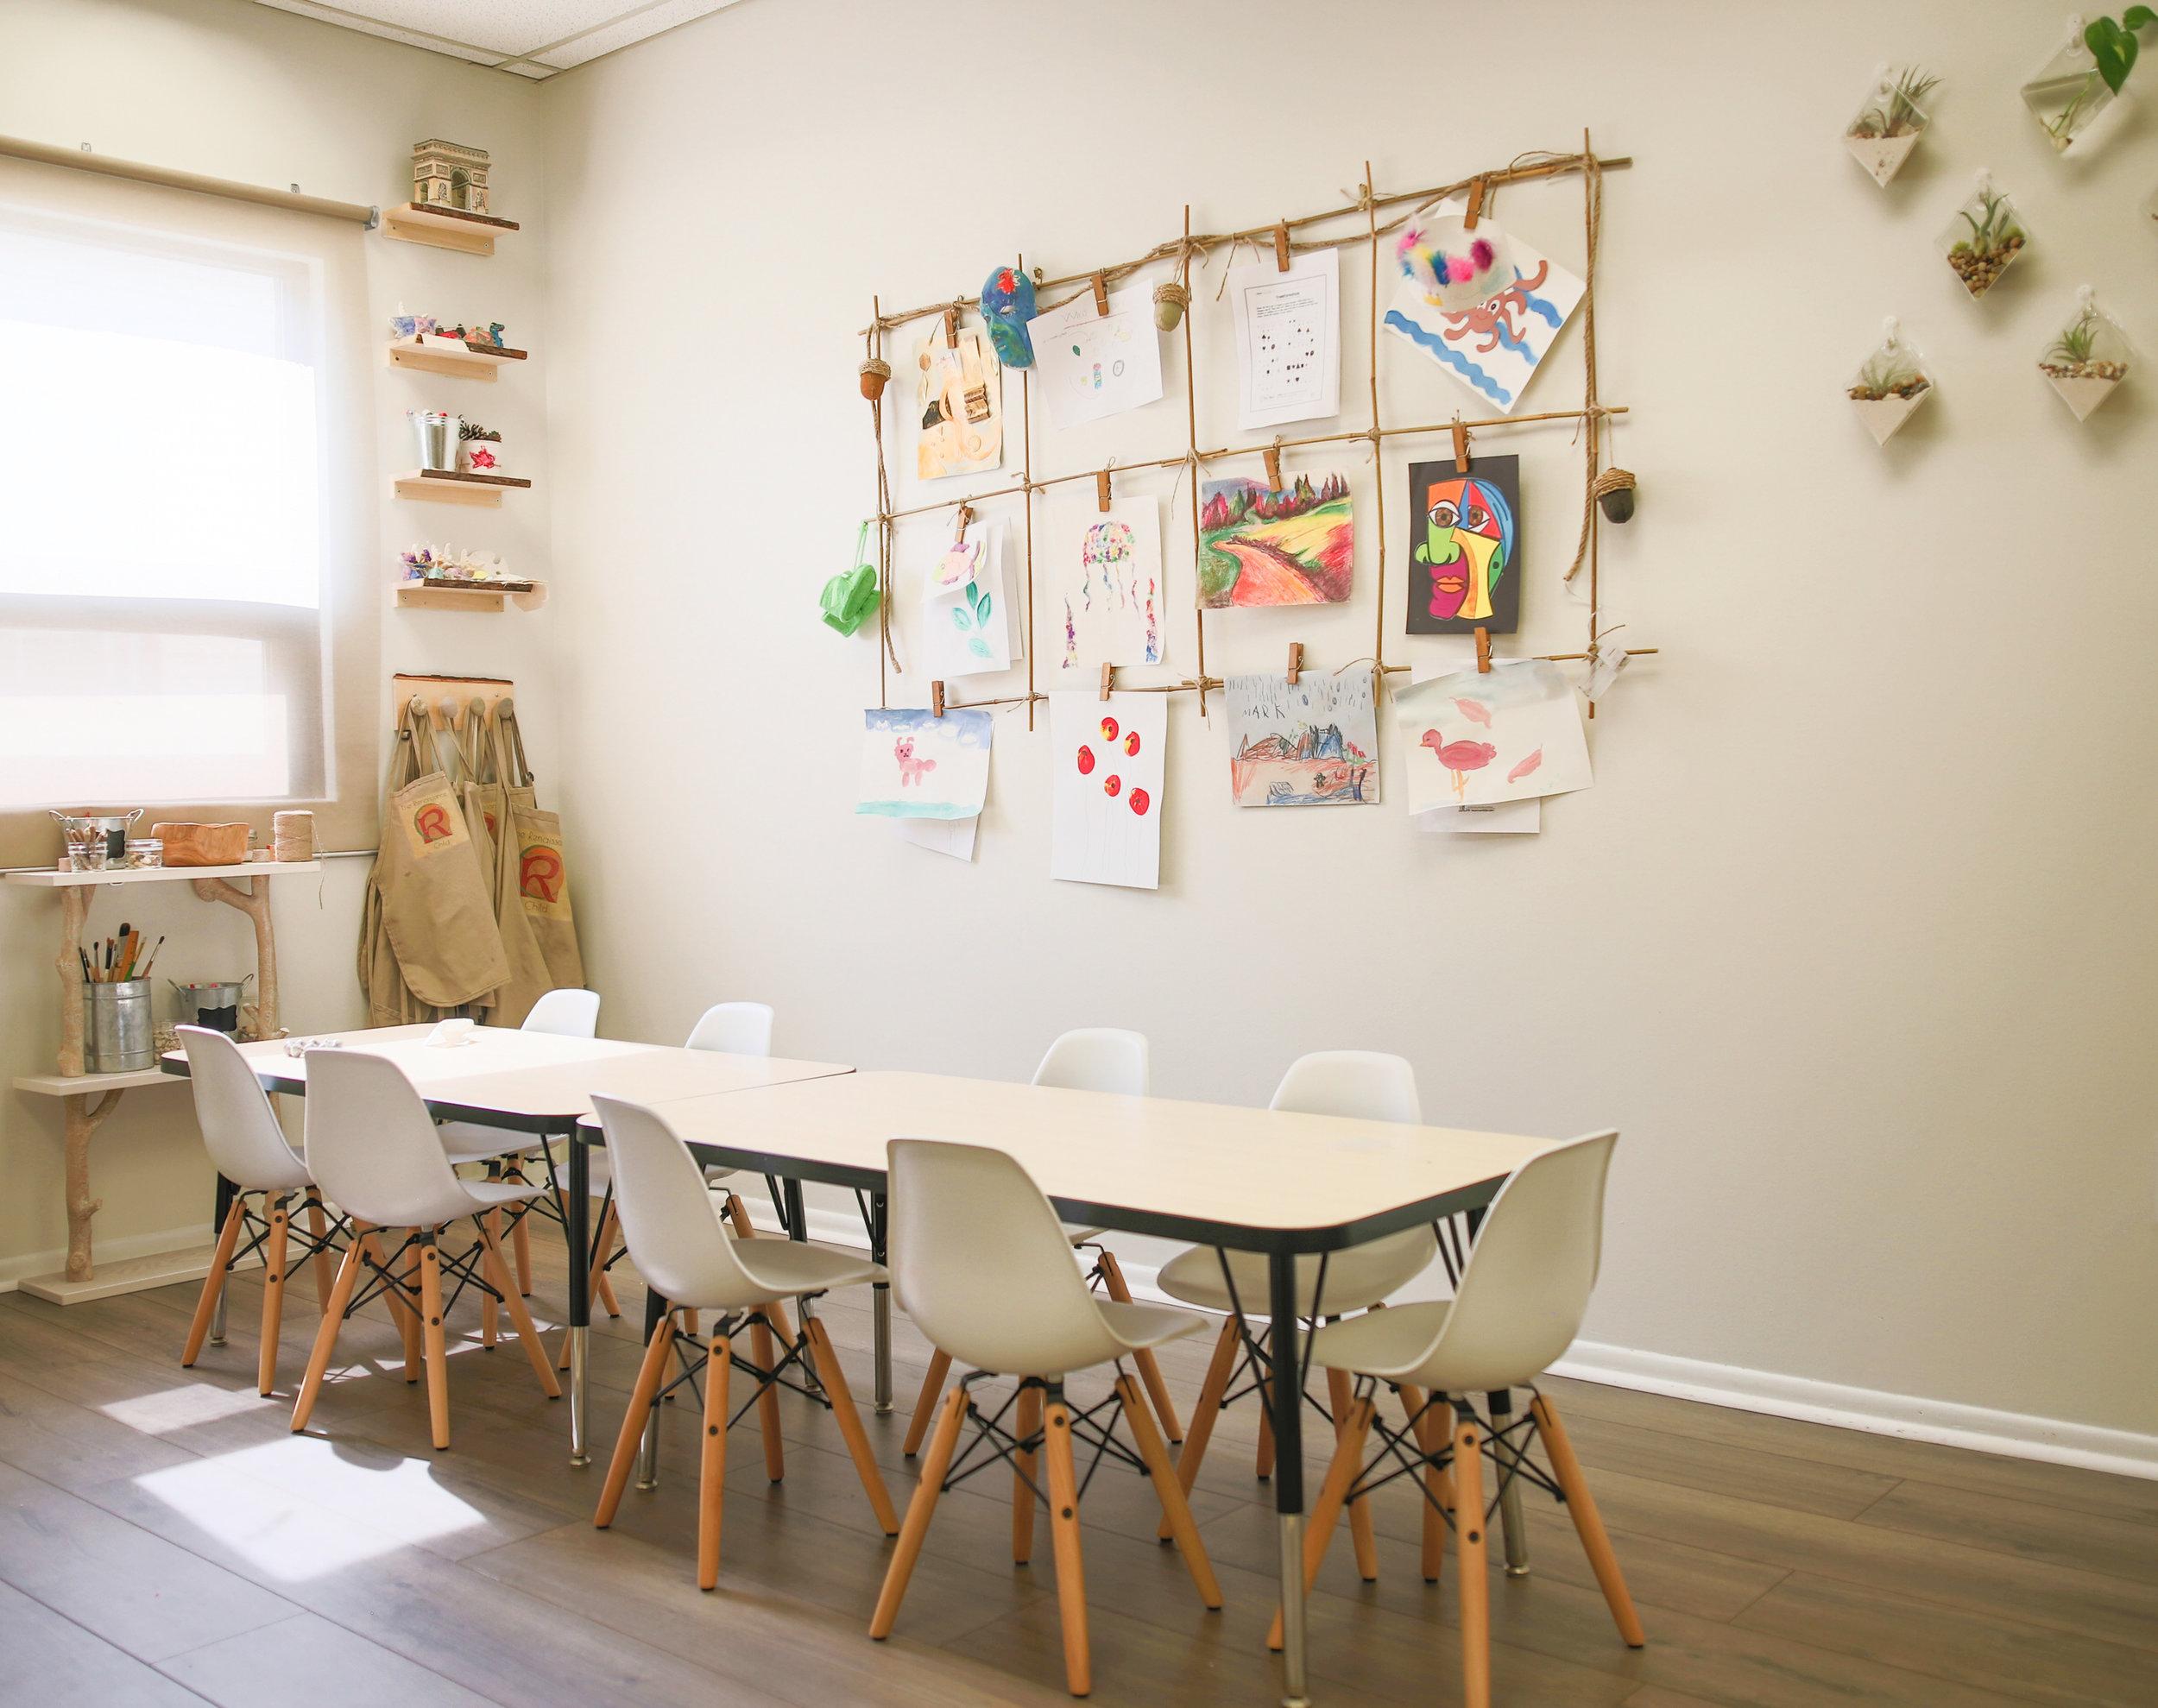 Marina V Design Studio Rchildpic1.jpg